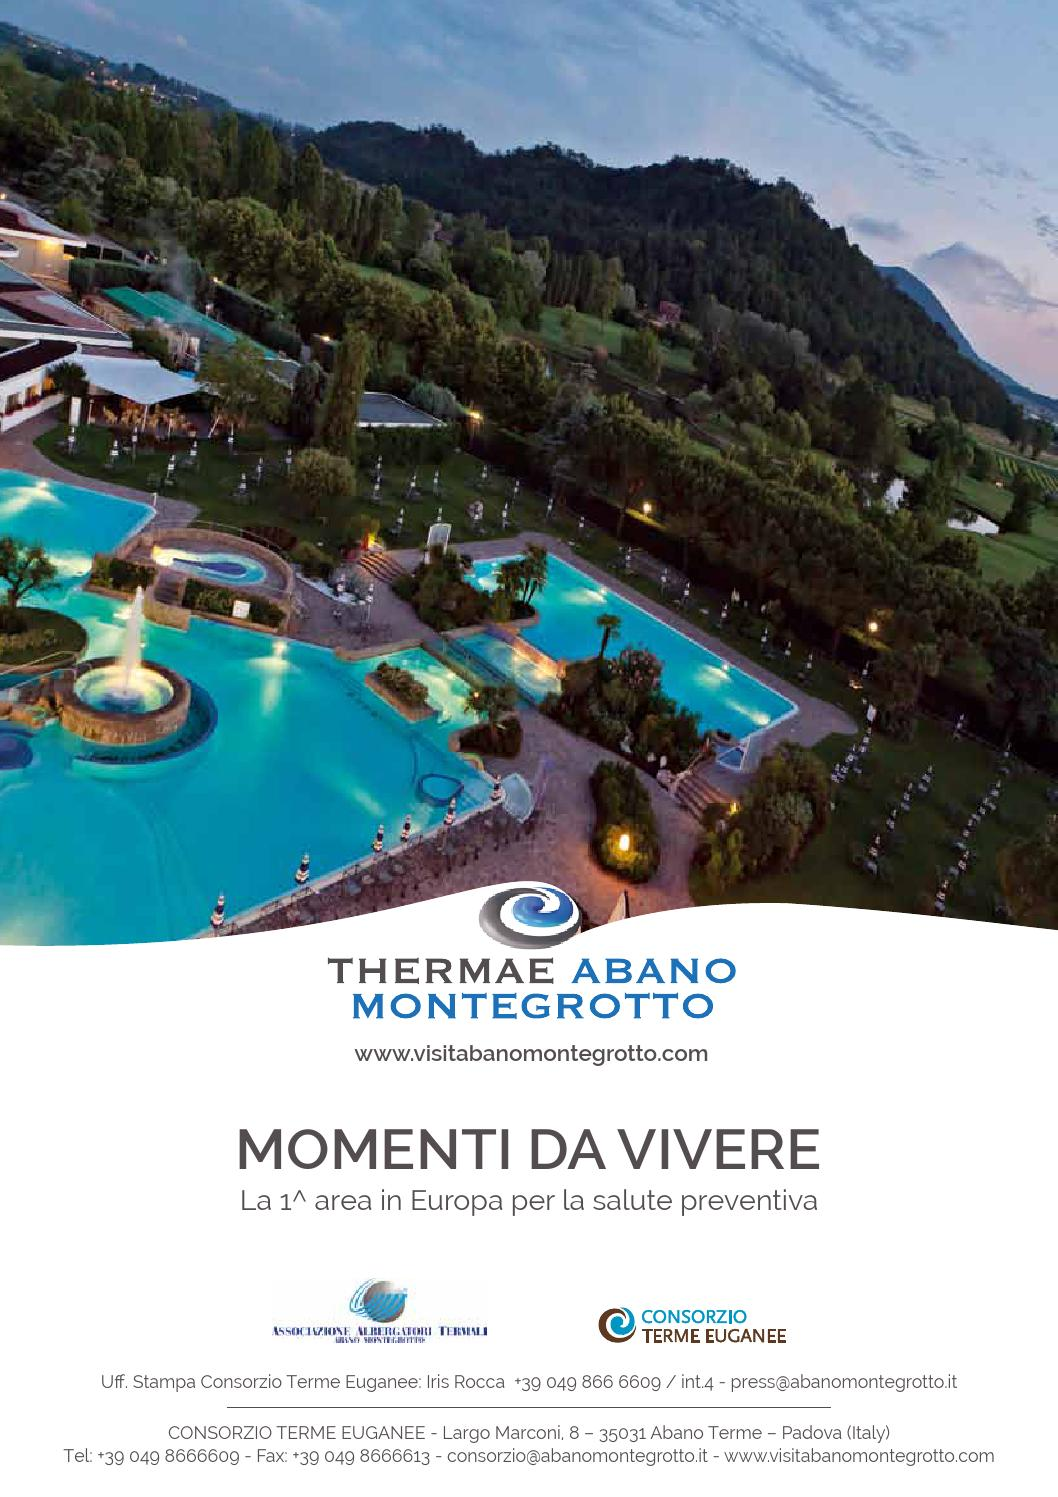 Spa Montegrotto Terme Sauna Finlandese: Cartella Stampa Thermae Abano Montegrotto By Consorzio